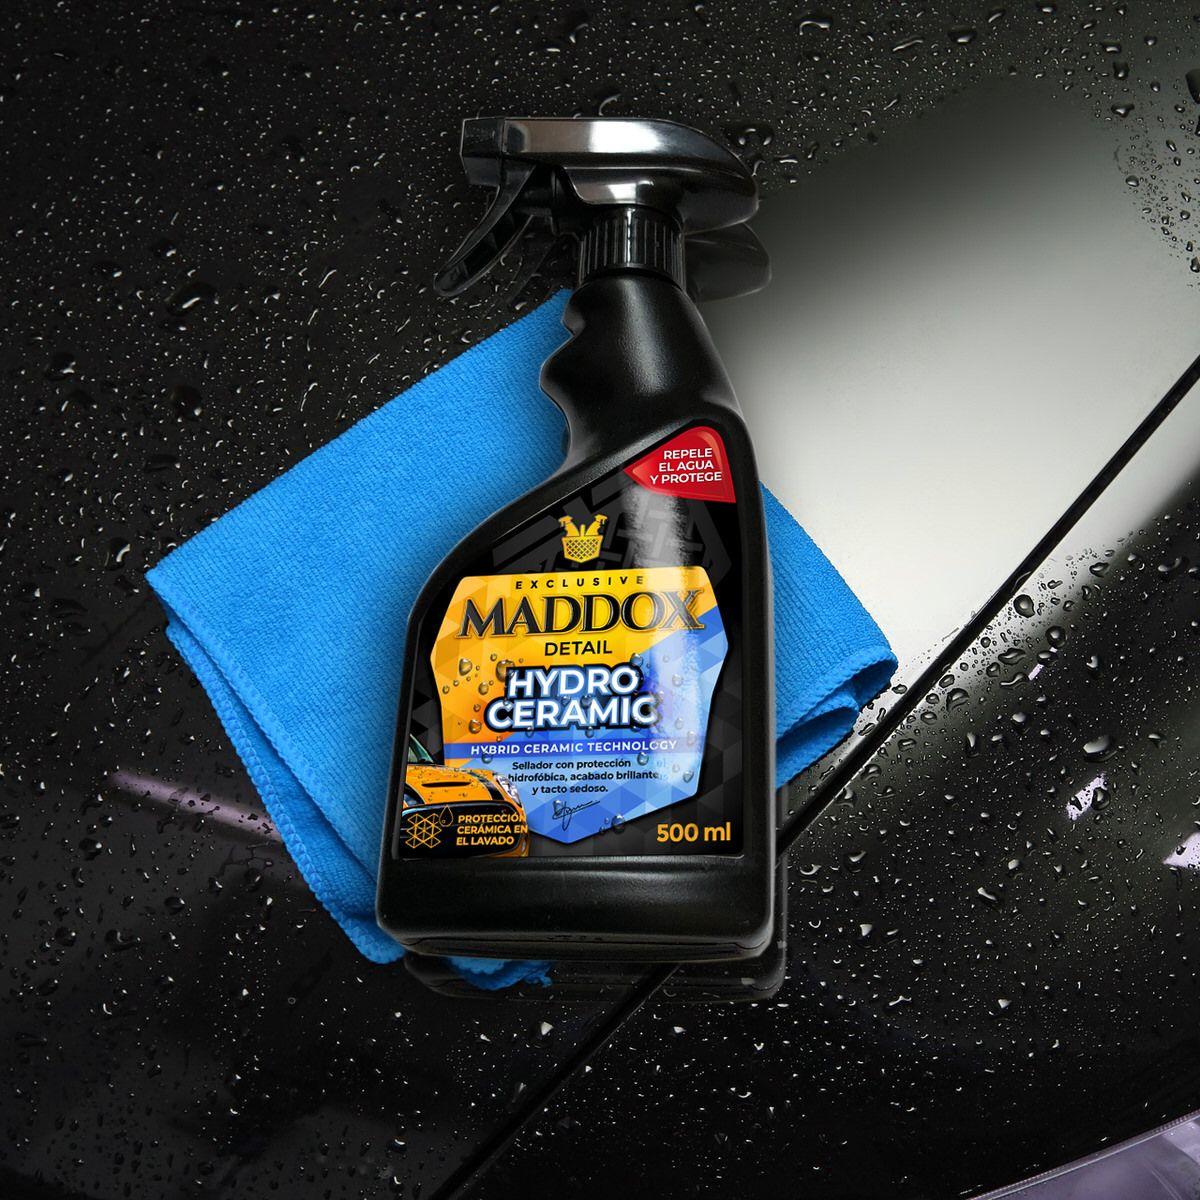 Maddox Detail lanza la primera gama de productos cerámicos en España